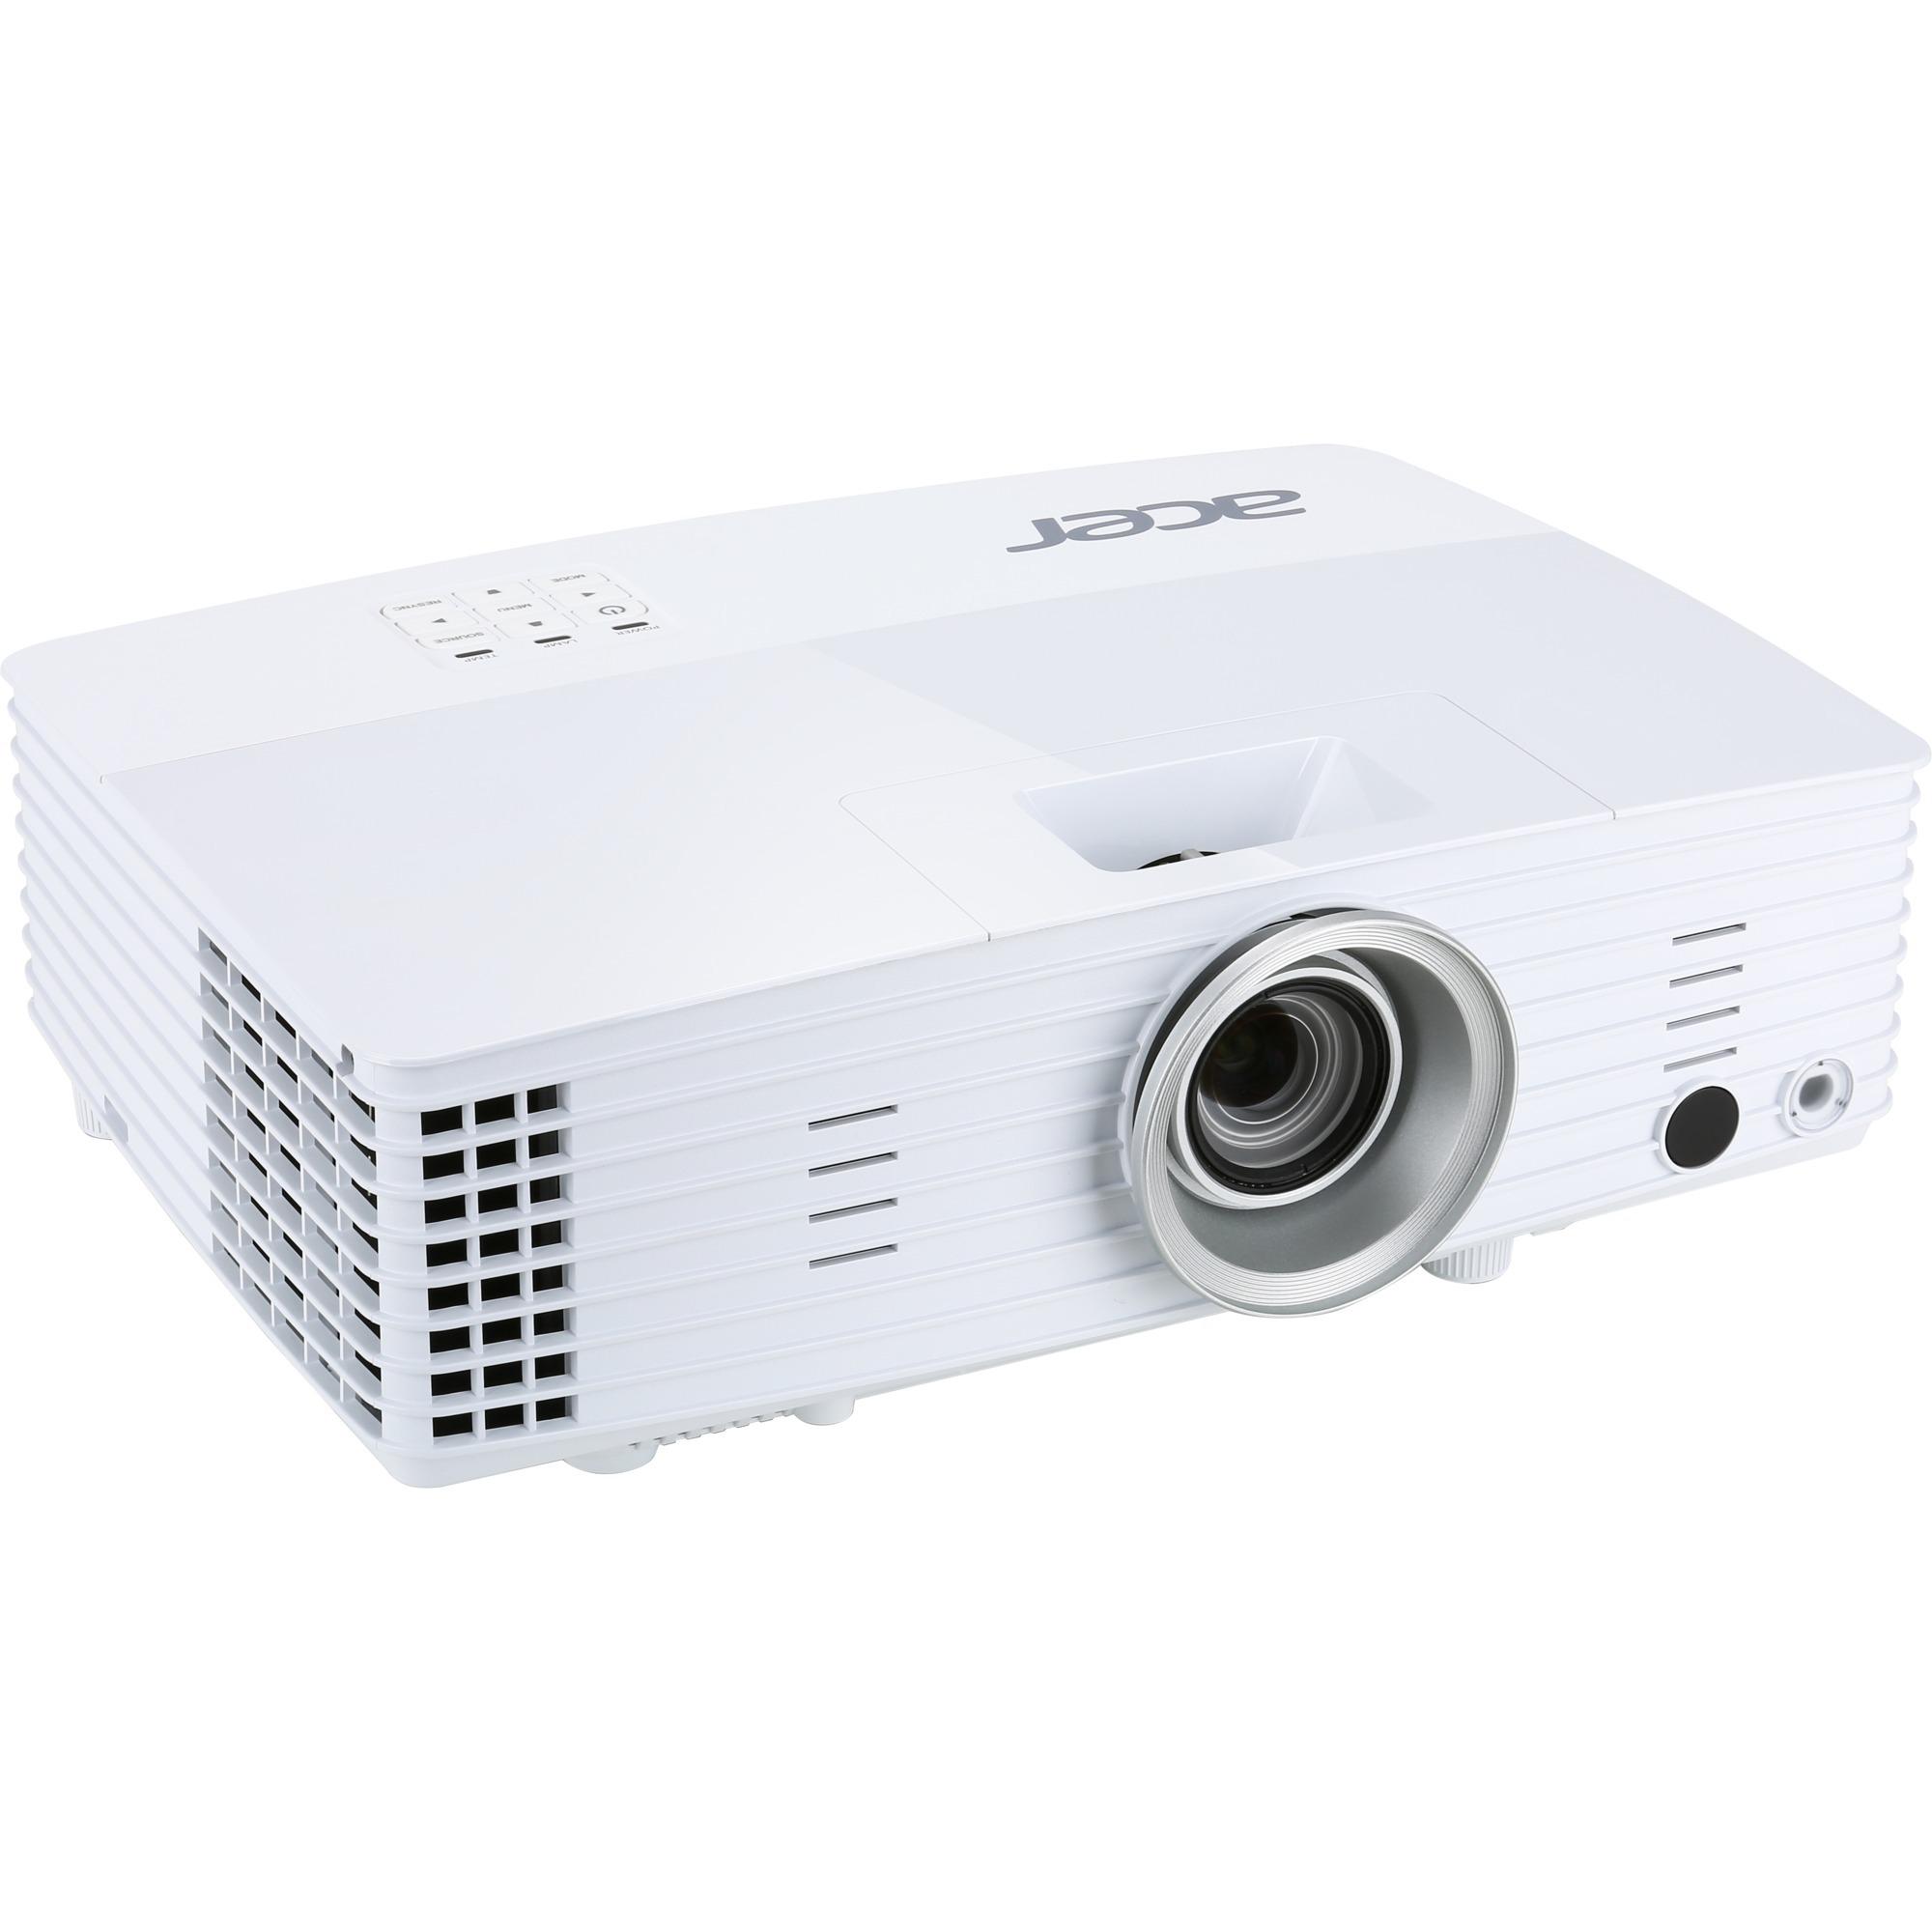 Home H5383BD Projecteur de bureau 3400ANSI lumens DLP 720p (1280x720) Blanc vidéo-projecteur, Projecteur DLP